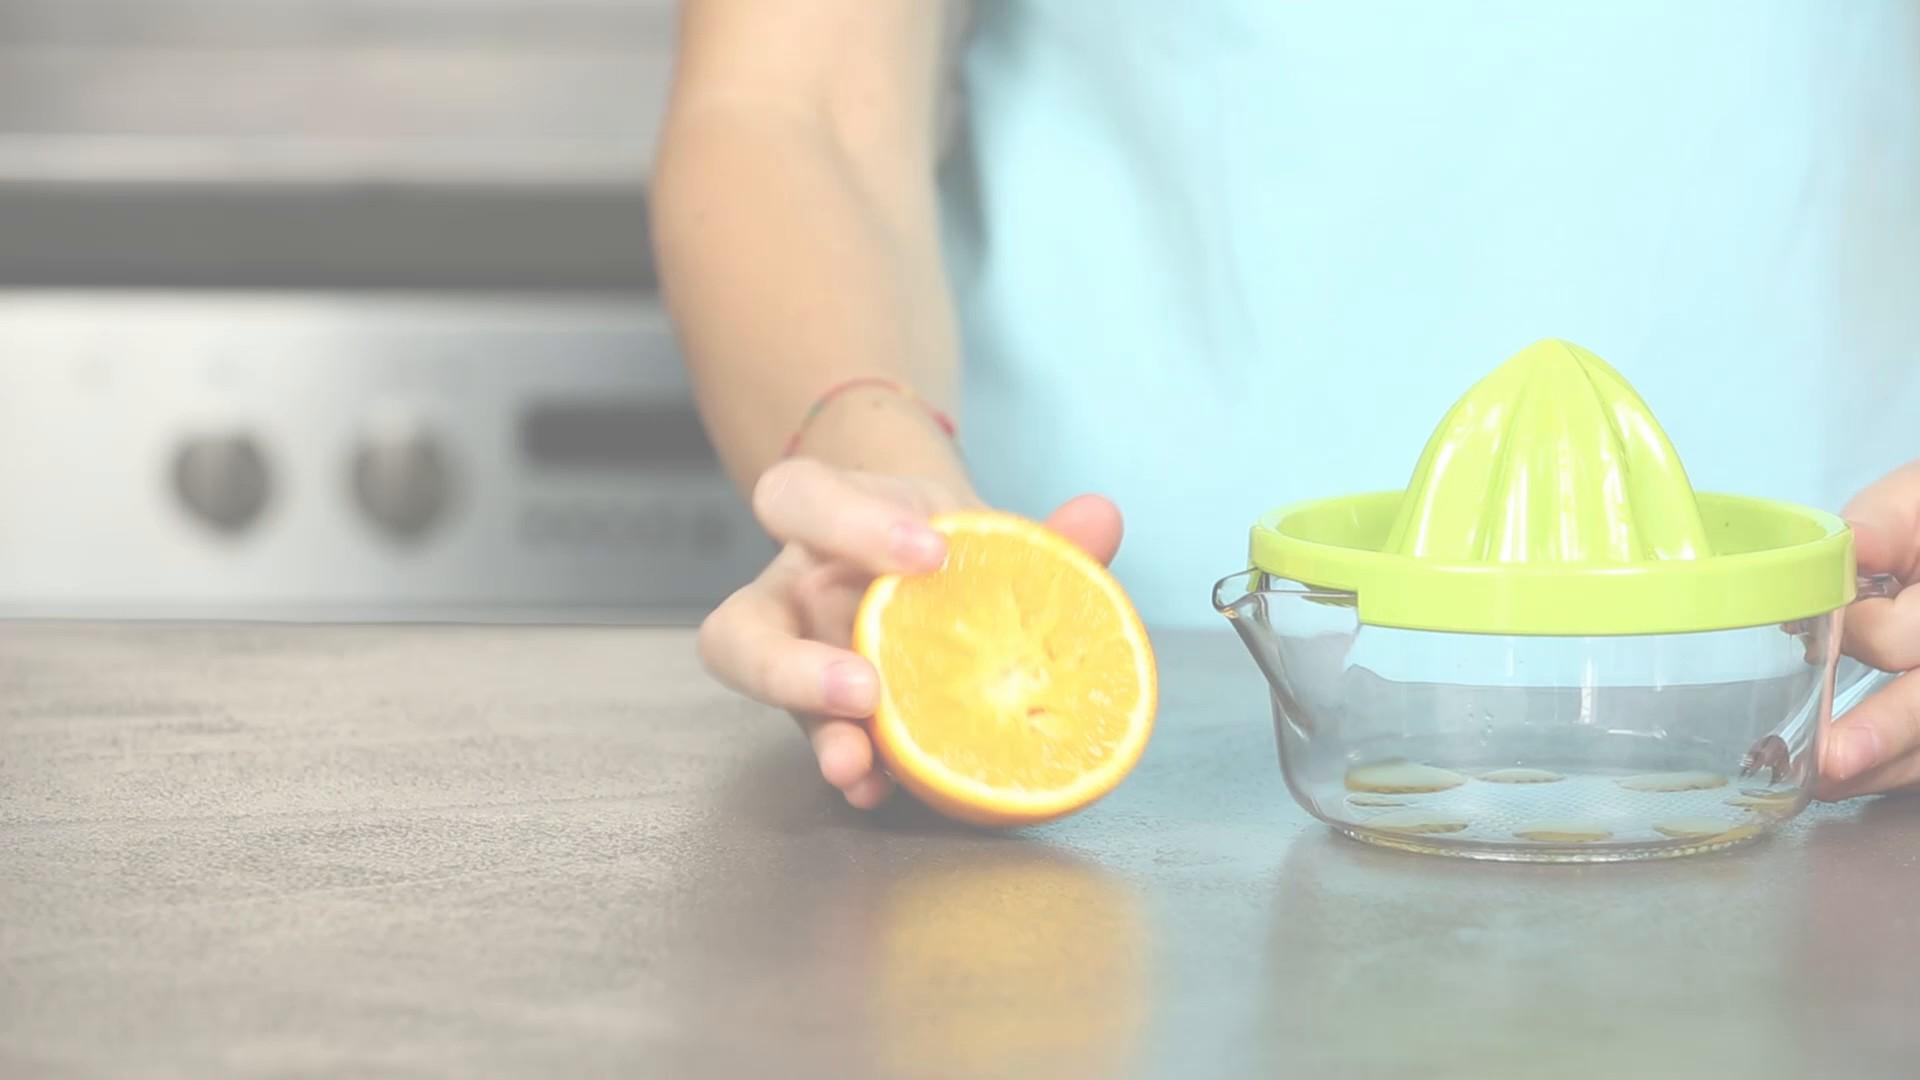 Mit diesem Trick bekommt ihr mehr Saft aus einer Orange_EL.mp4: image 1